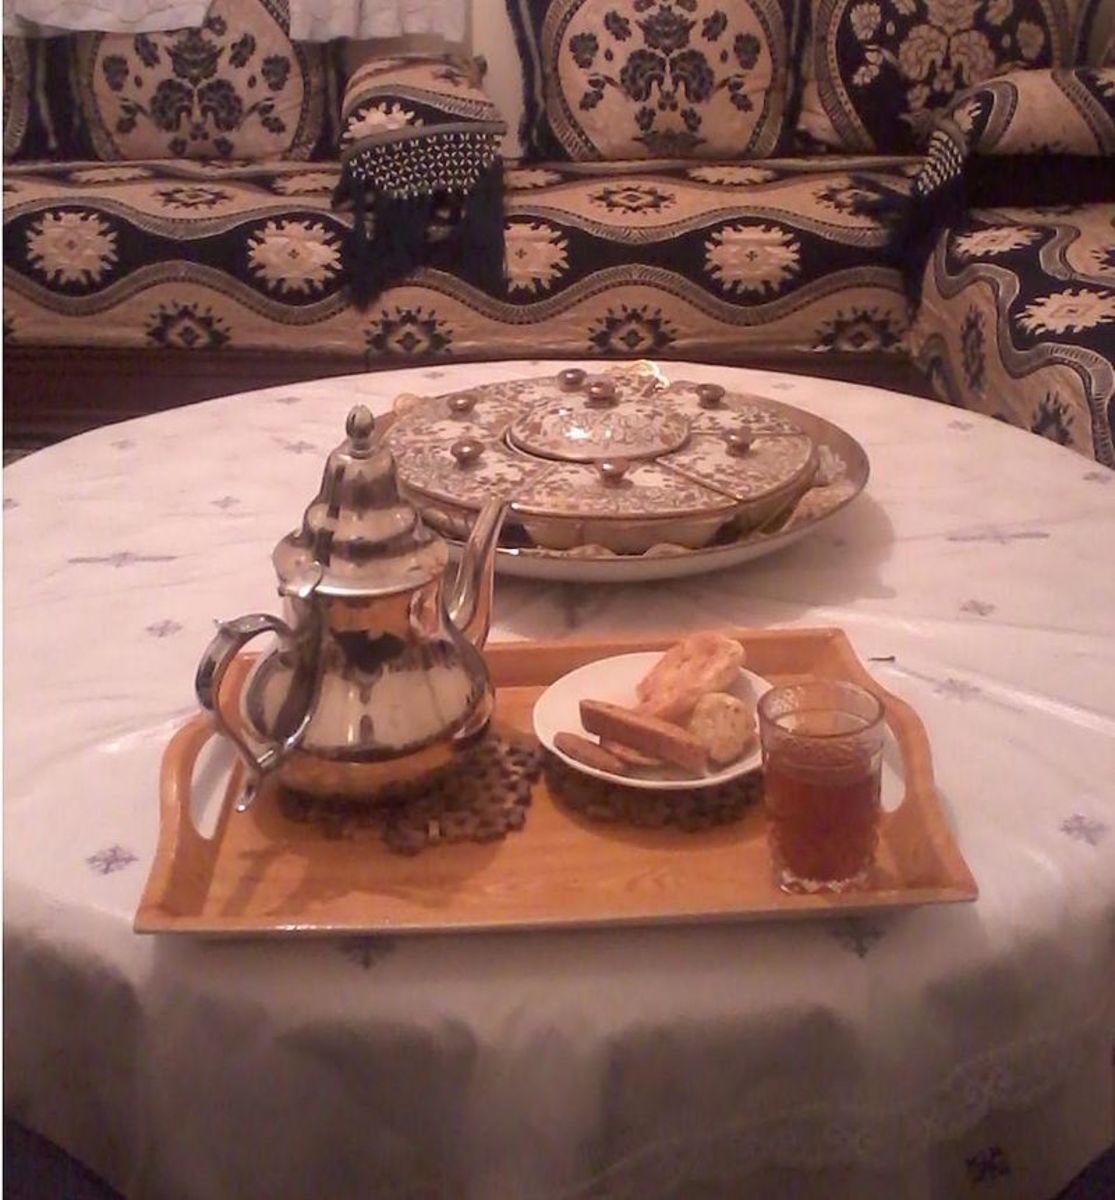 Crunchy tea cakes.